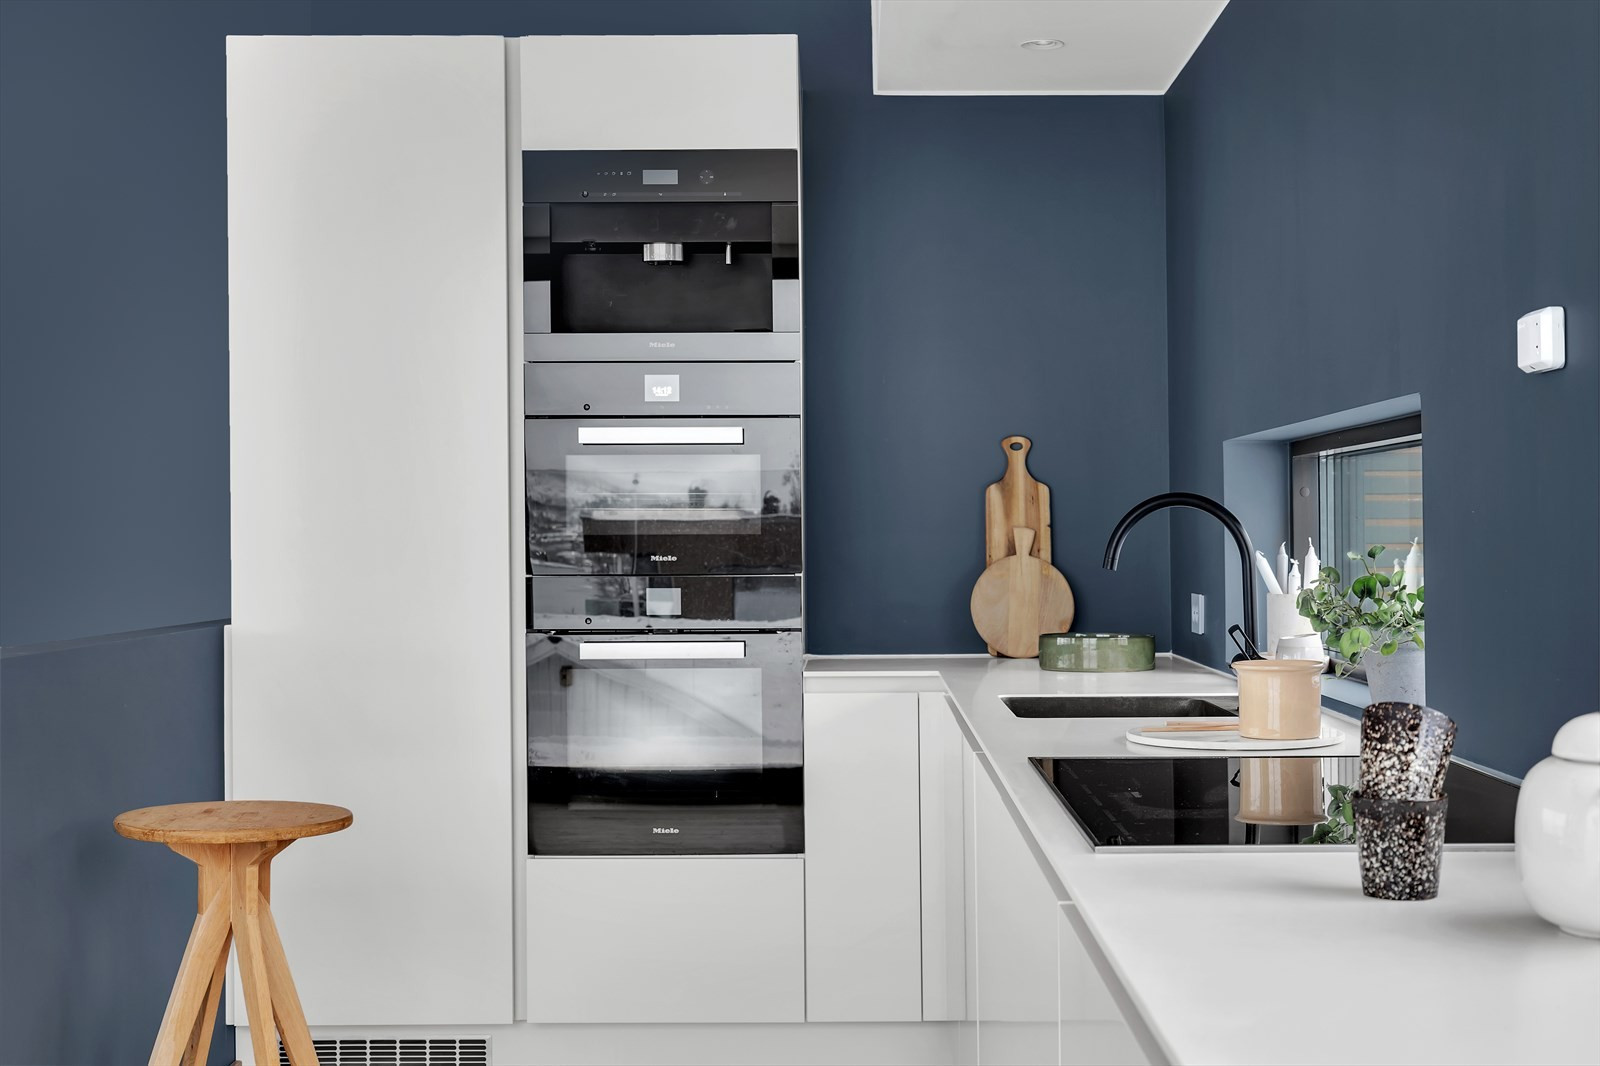 Integrerte hvitevarer fra kvalitetsleverandøren Miele; stekeovn, dampovn og kaffemaskin i høyskap.